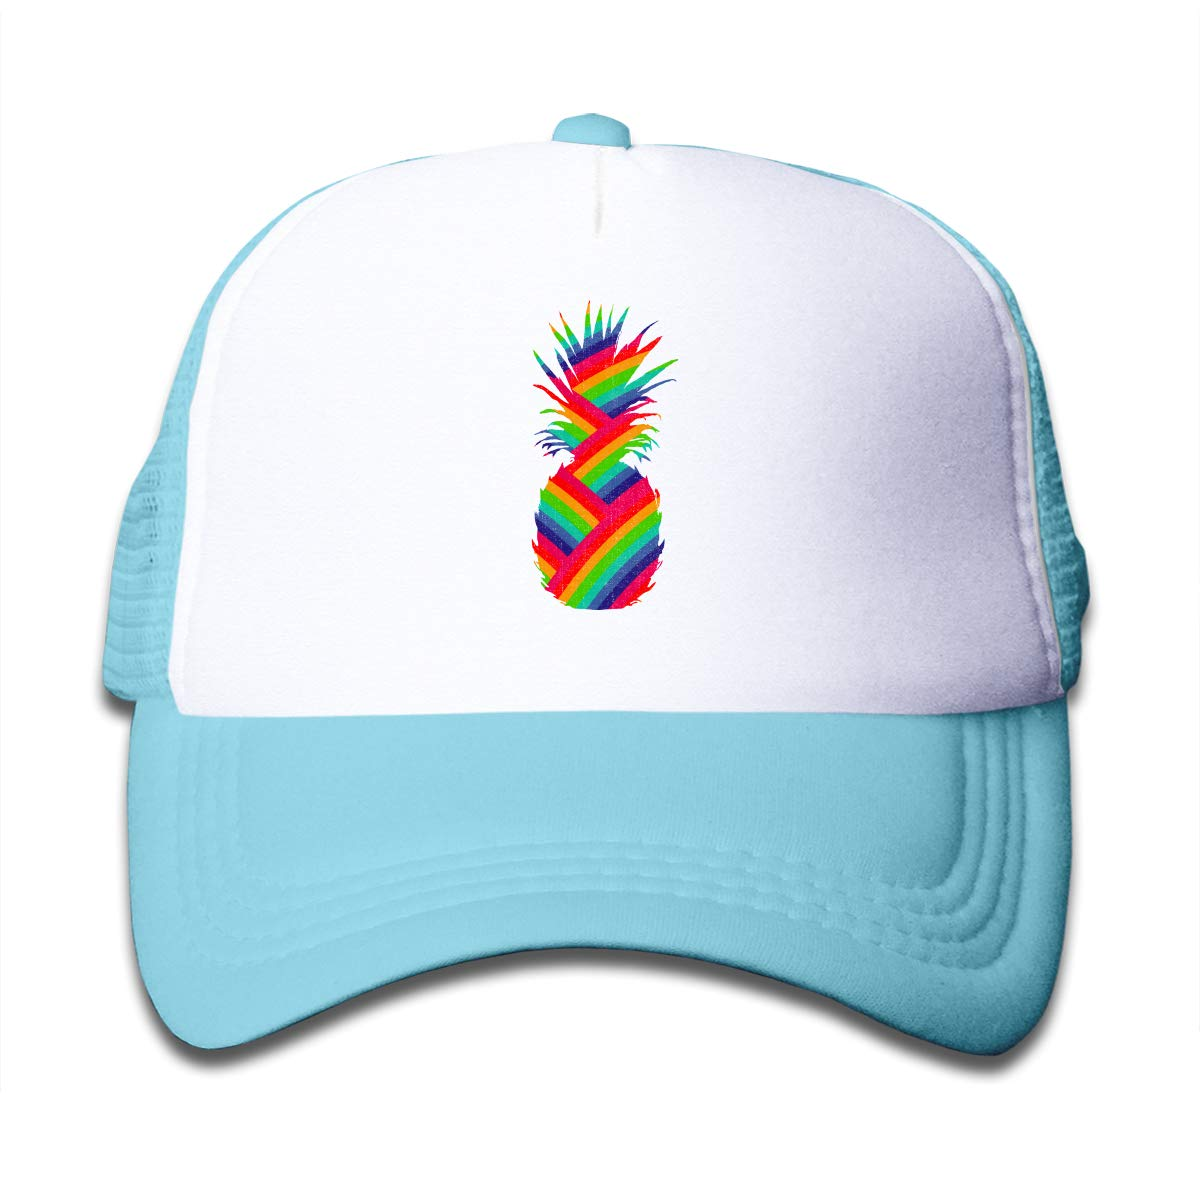 Pineapple Rainbow 1 Kids Trucker Visor Cap Black